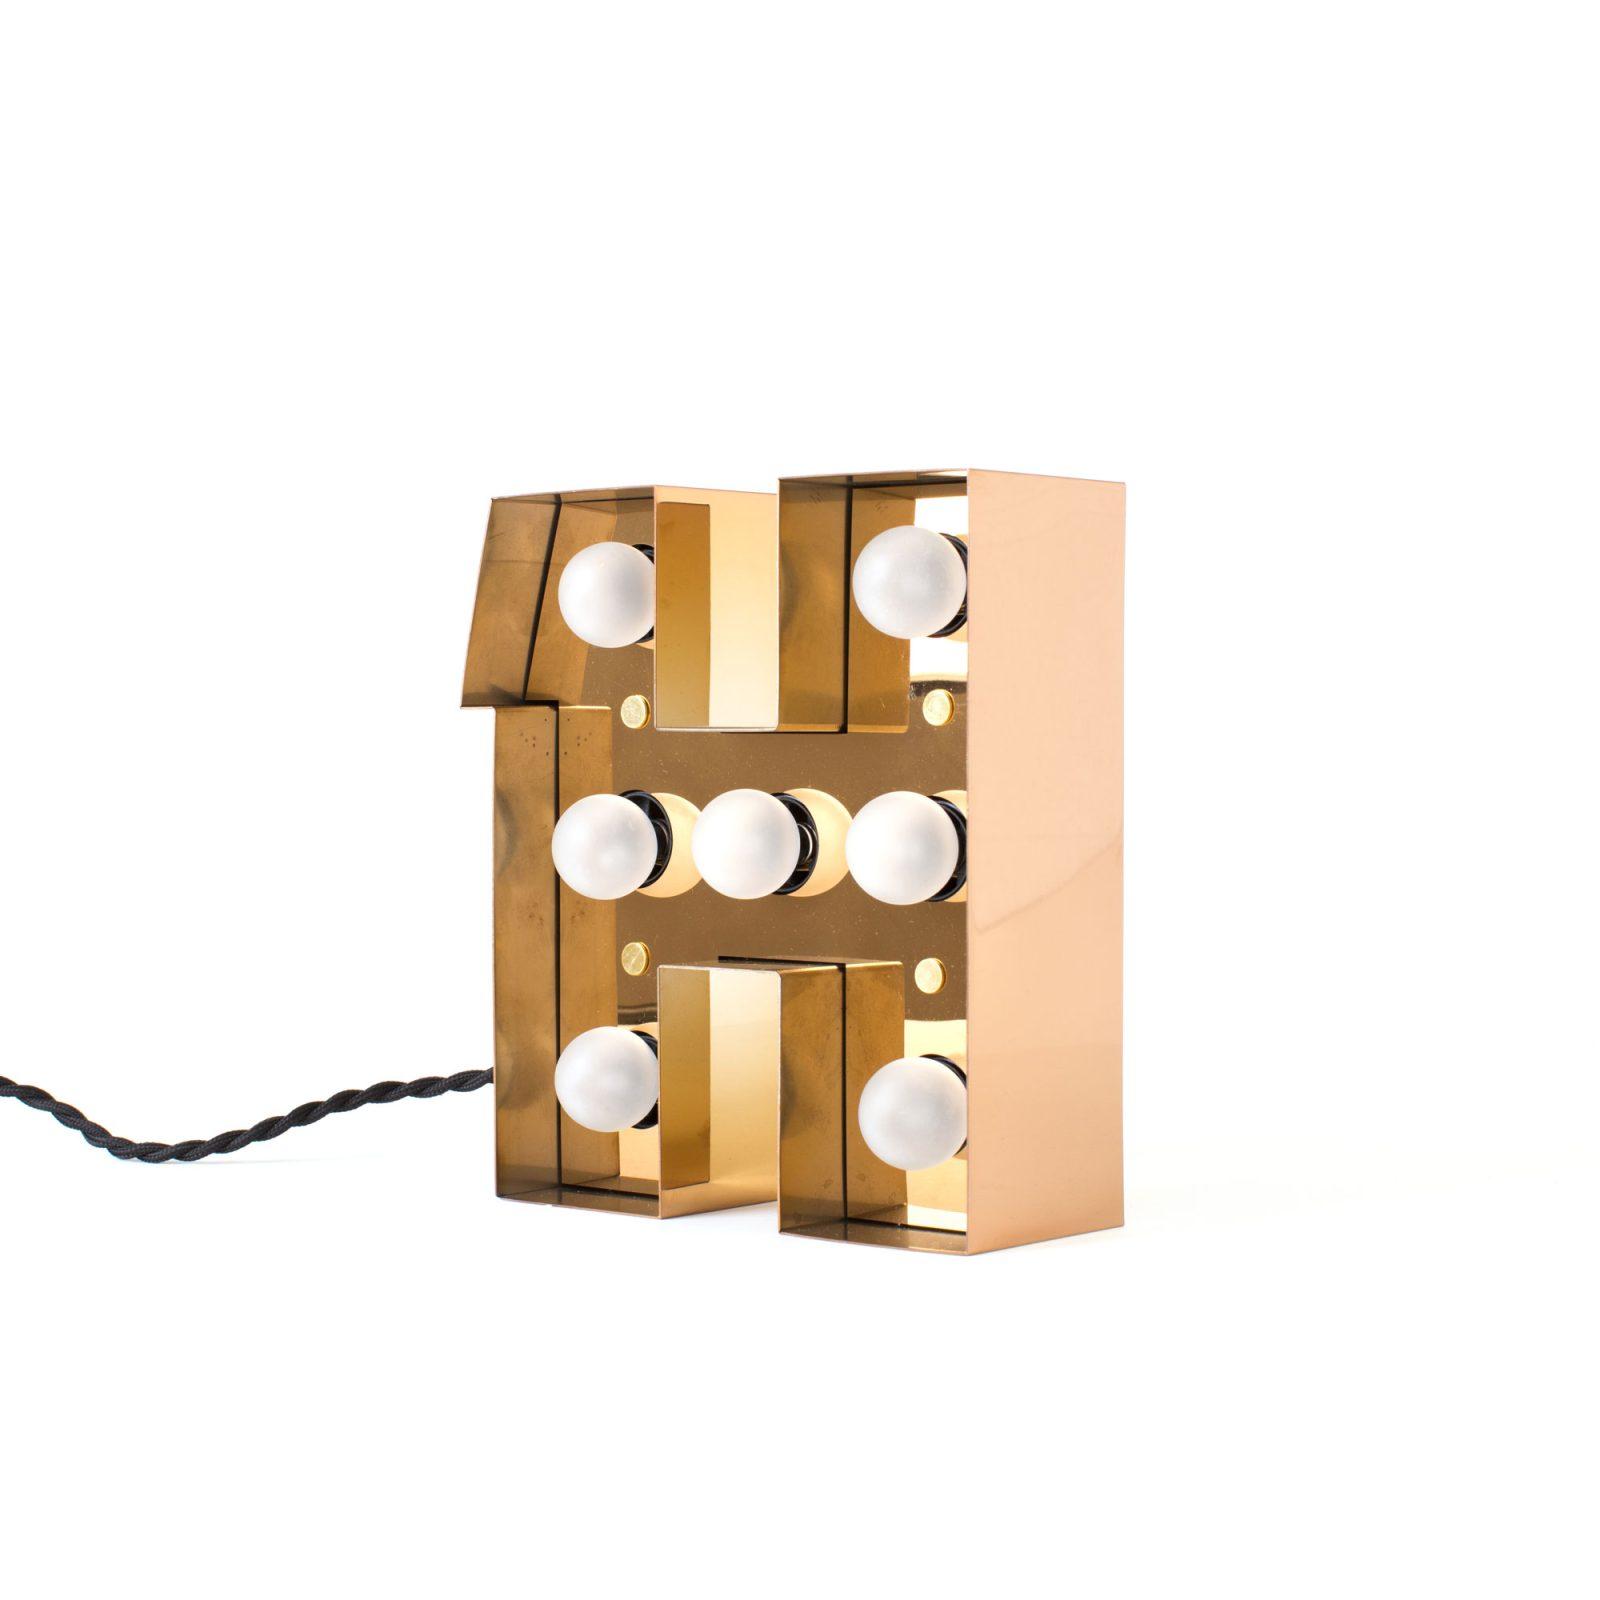 Caractère Alphabet Lights, H-34613